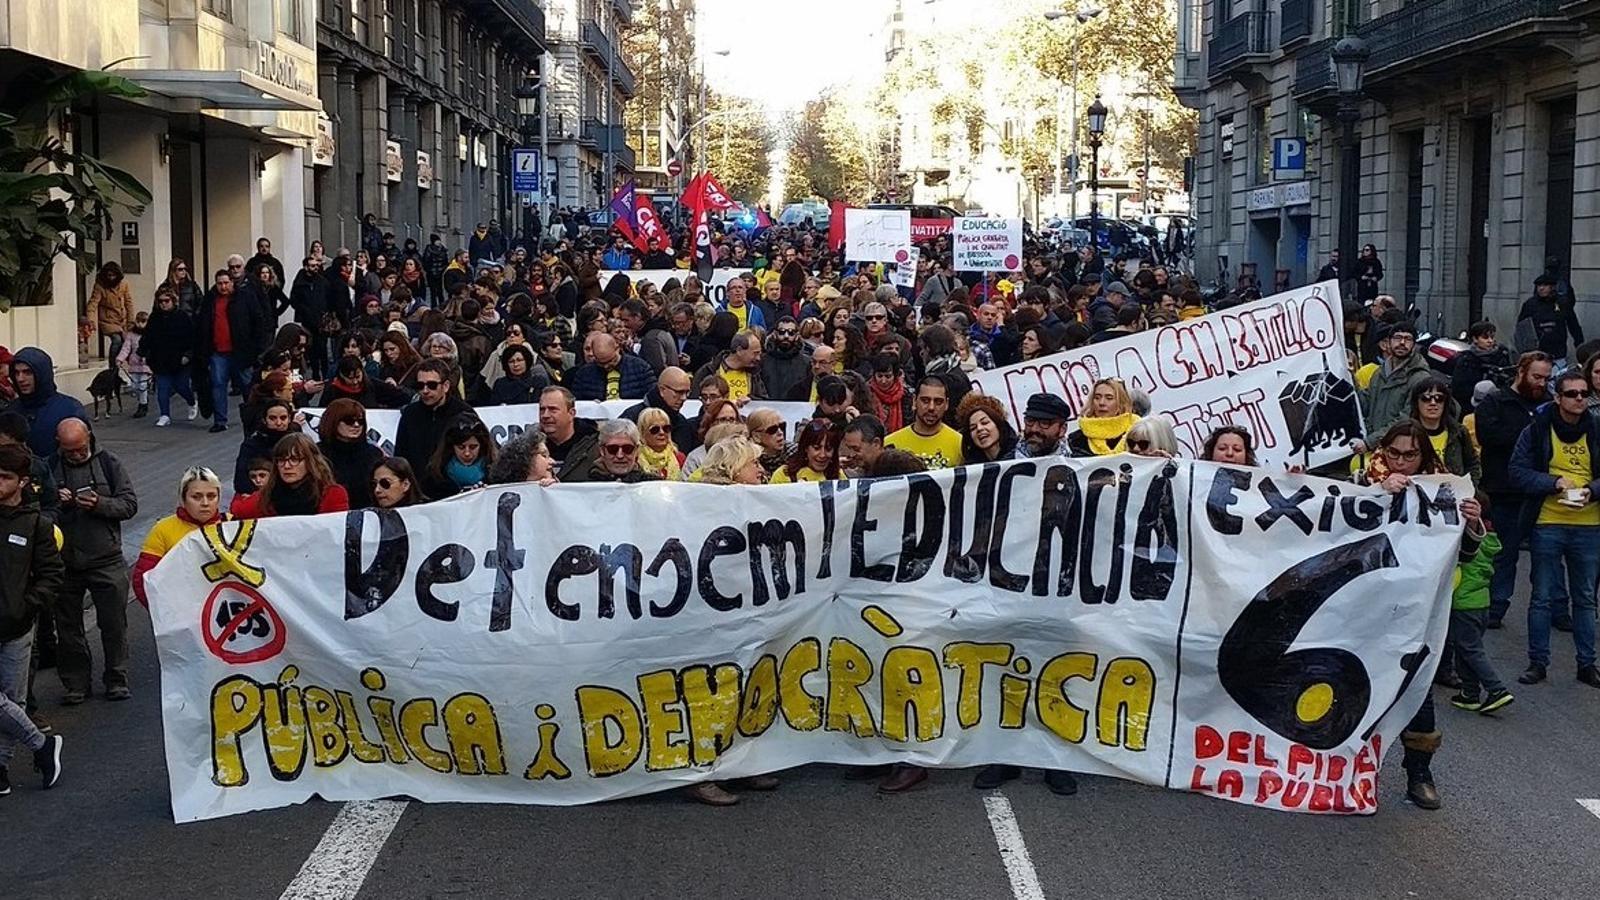 La manifestació a favor de l'escola pública ha recorregut Barcelona fins a la plaça Sant Jaume